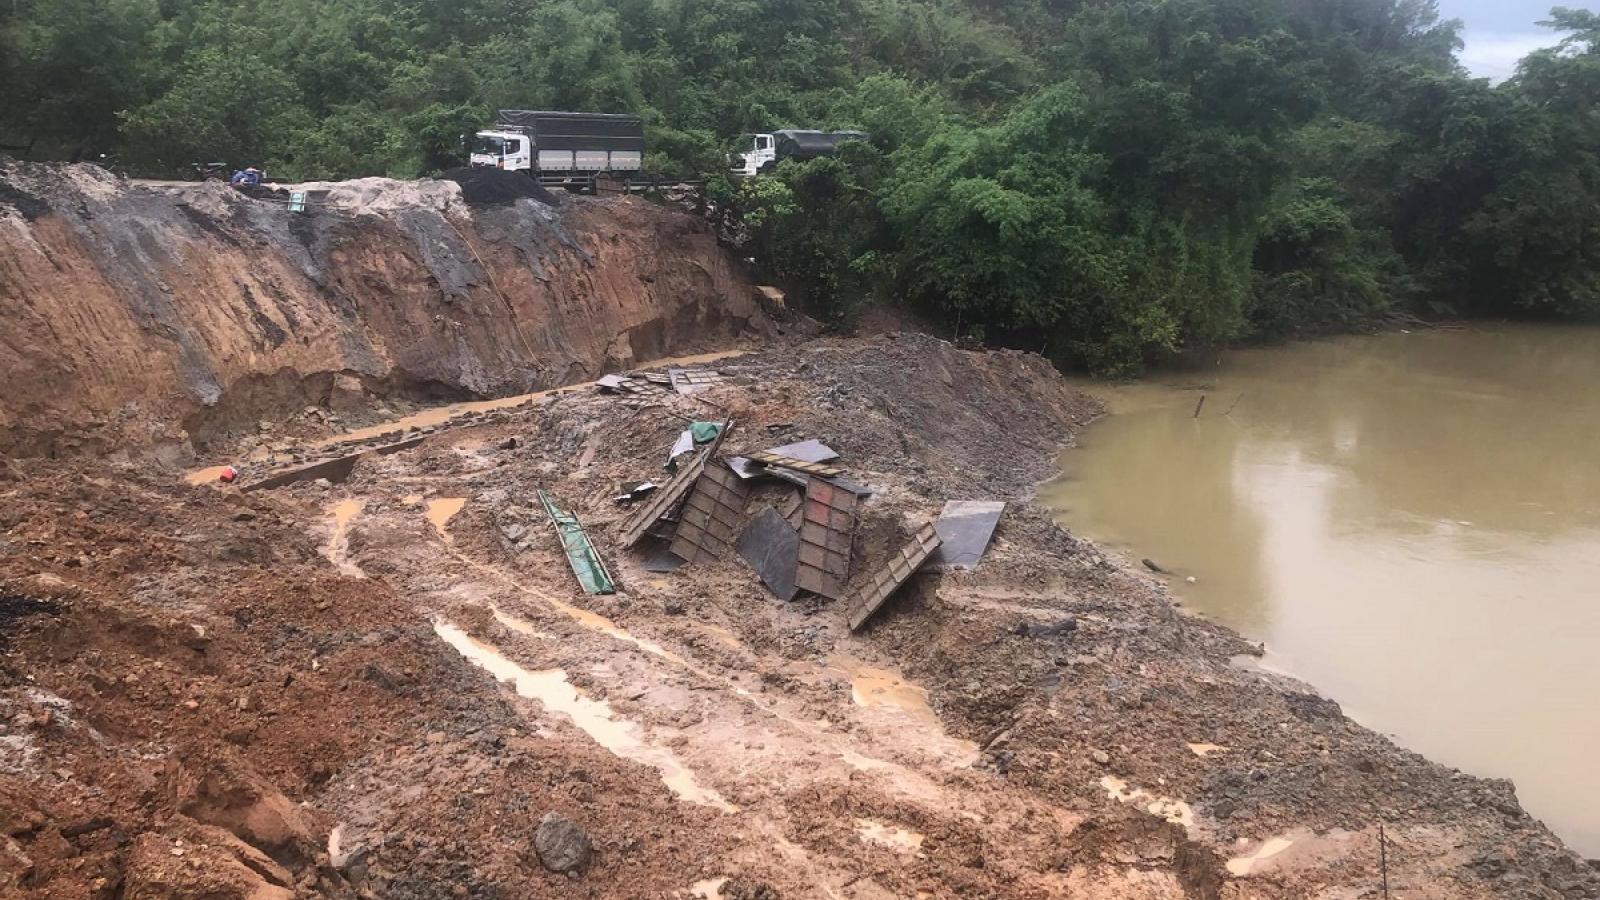 Mưa lớn gây sạt lở nghiêm trọng, hàng chục xe nông sản ở Đắk Lắk bị mắc kẹt